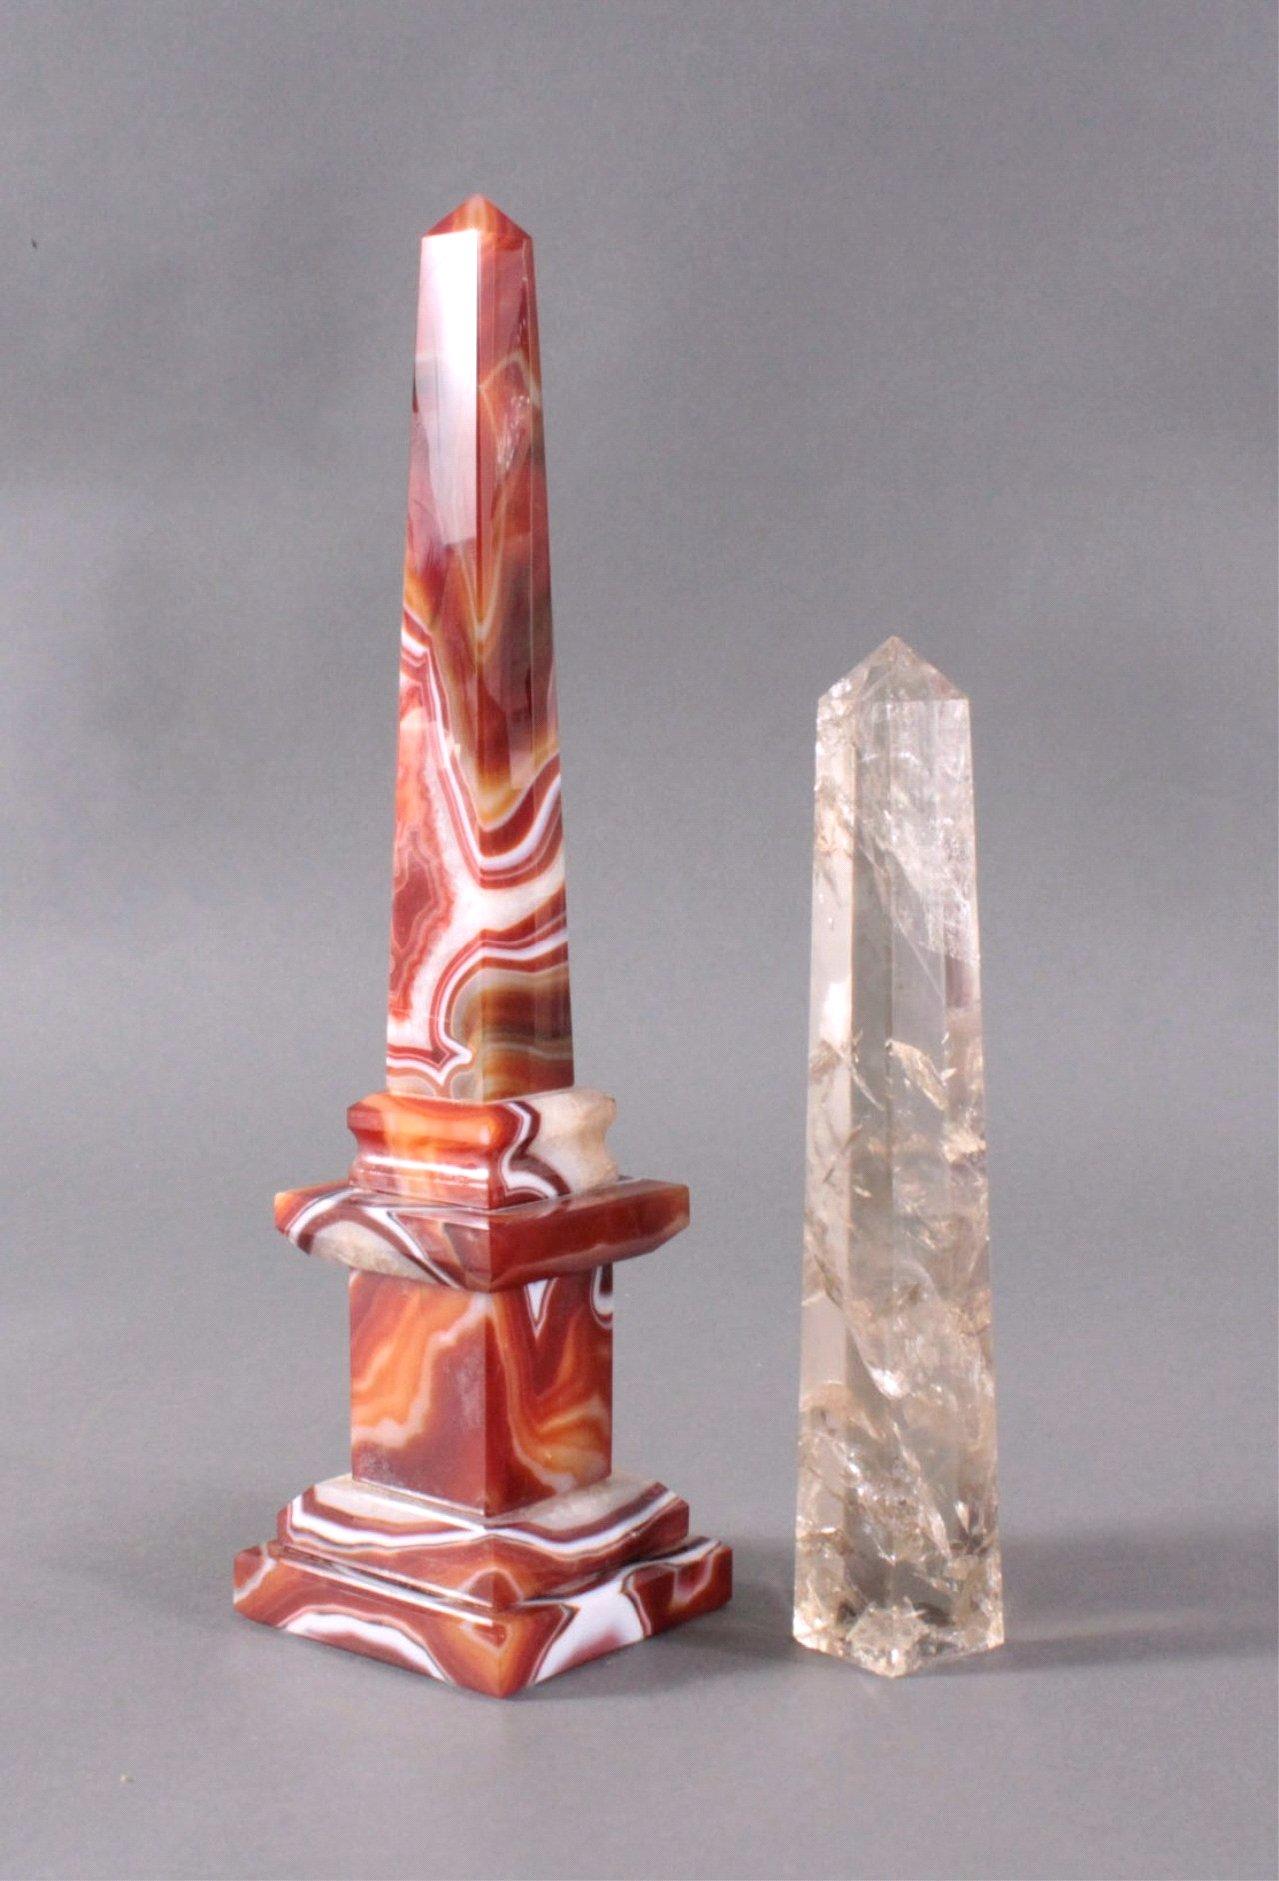 Achat und Rauchquarz Obelisken